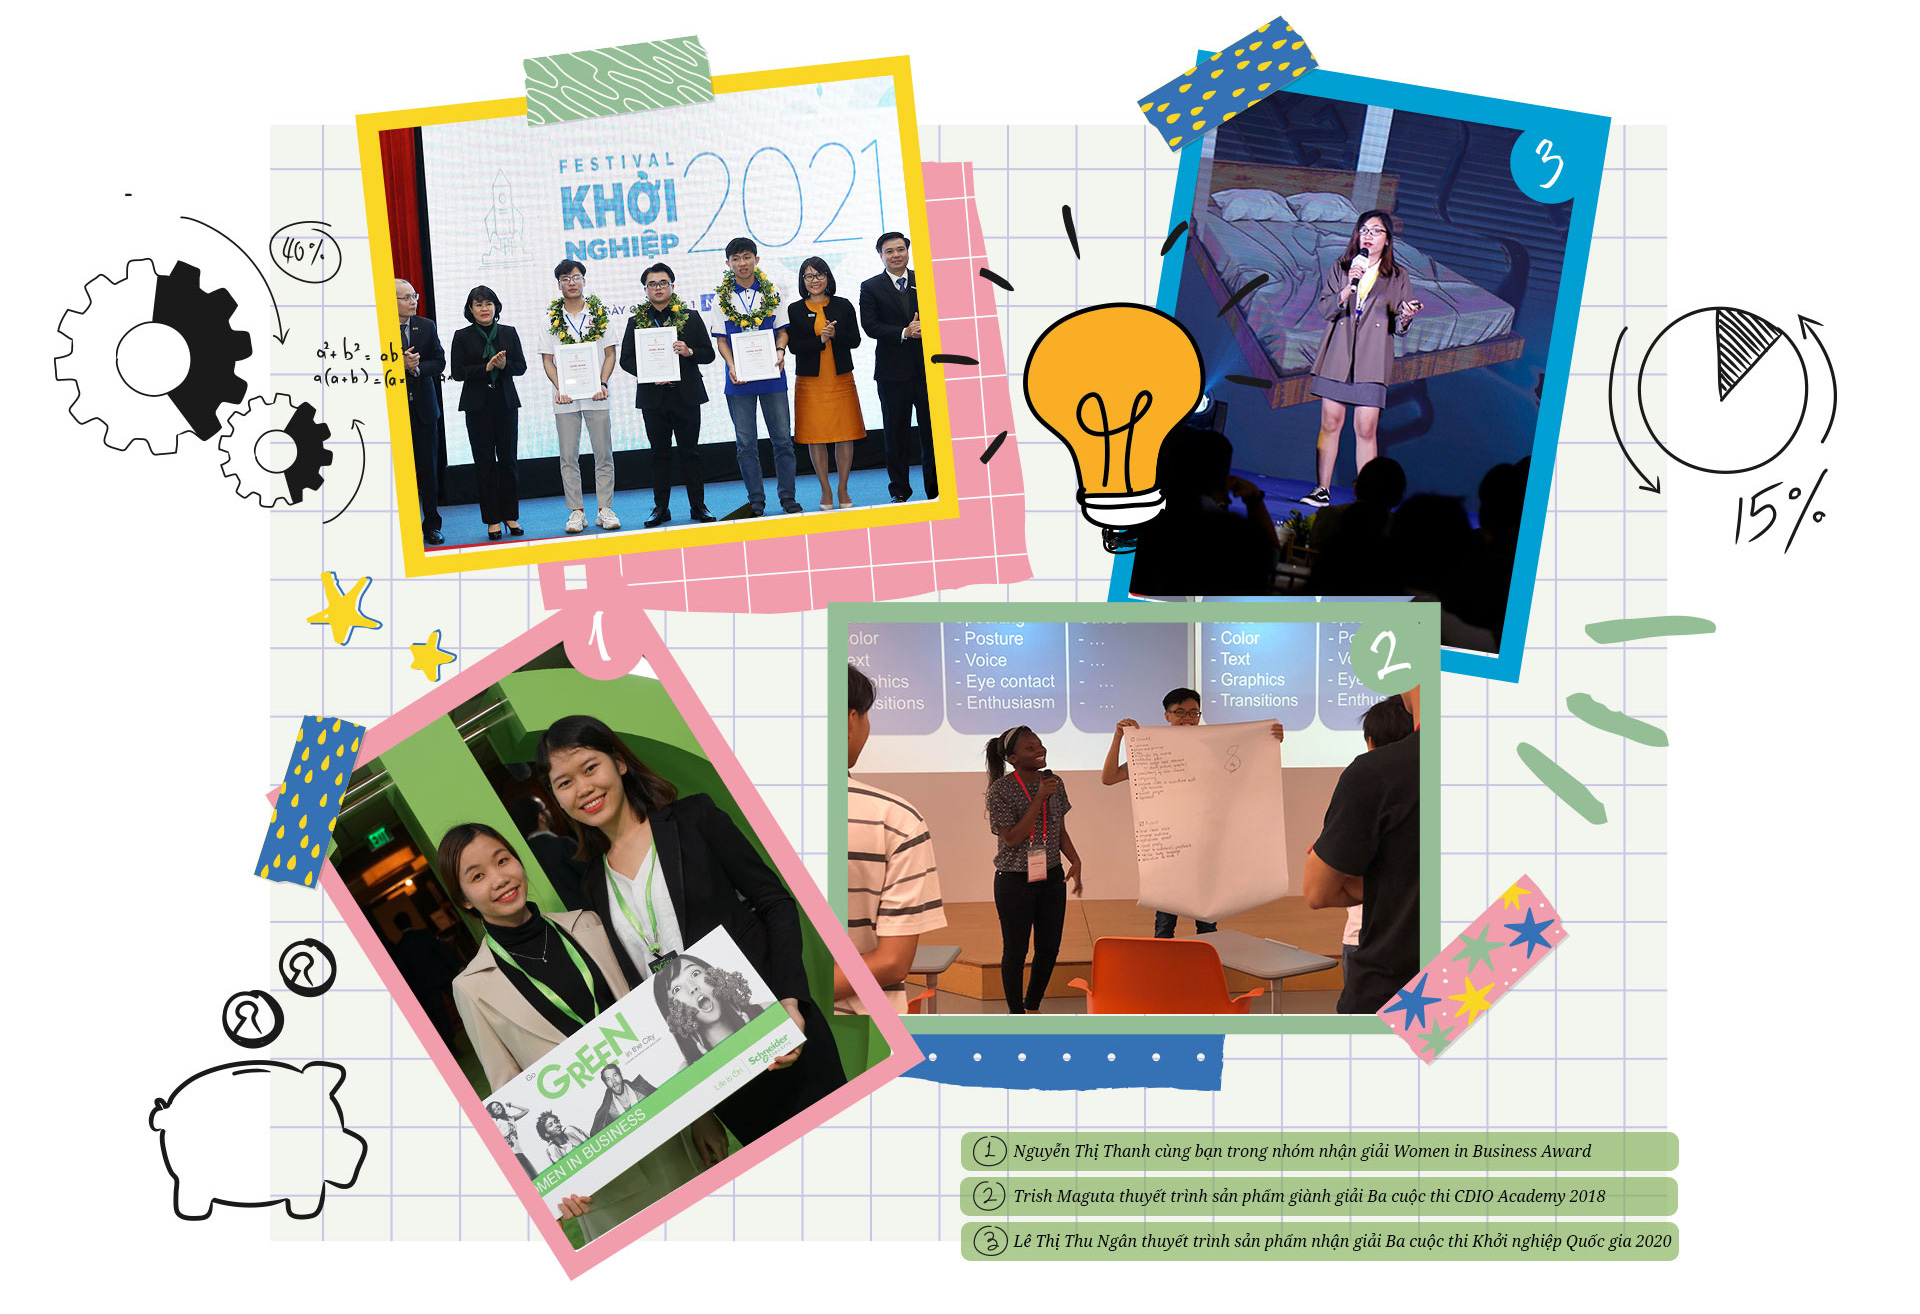 SV Quản trị Kinh doanh, Kế toán & Ngân hàng DTU với niềm đam mê Sáng tạo và Khởi nghiệp - Ảnh 7.